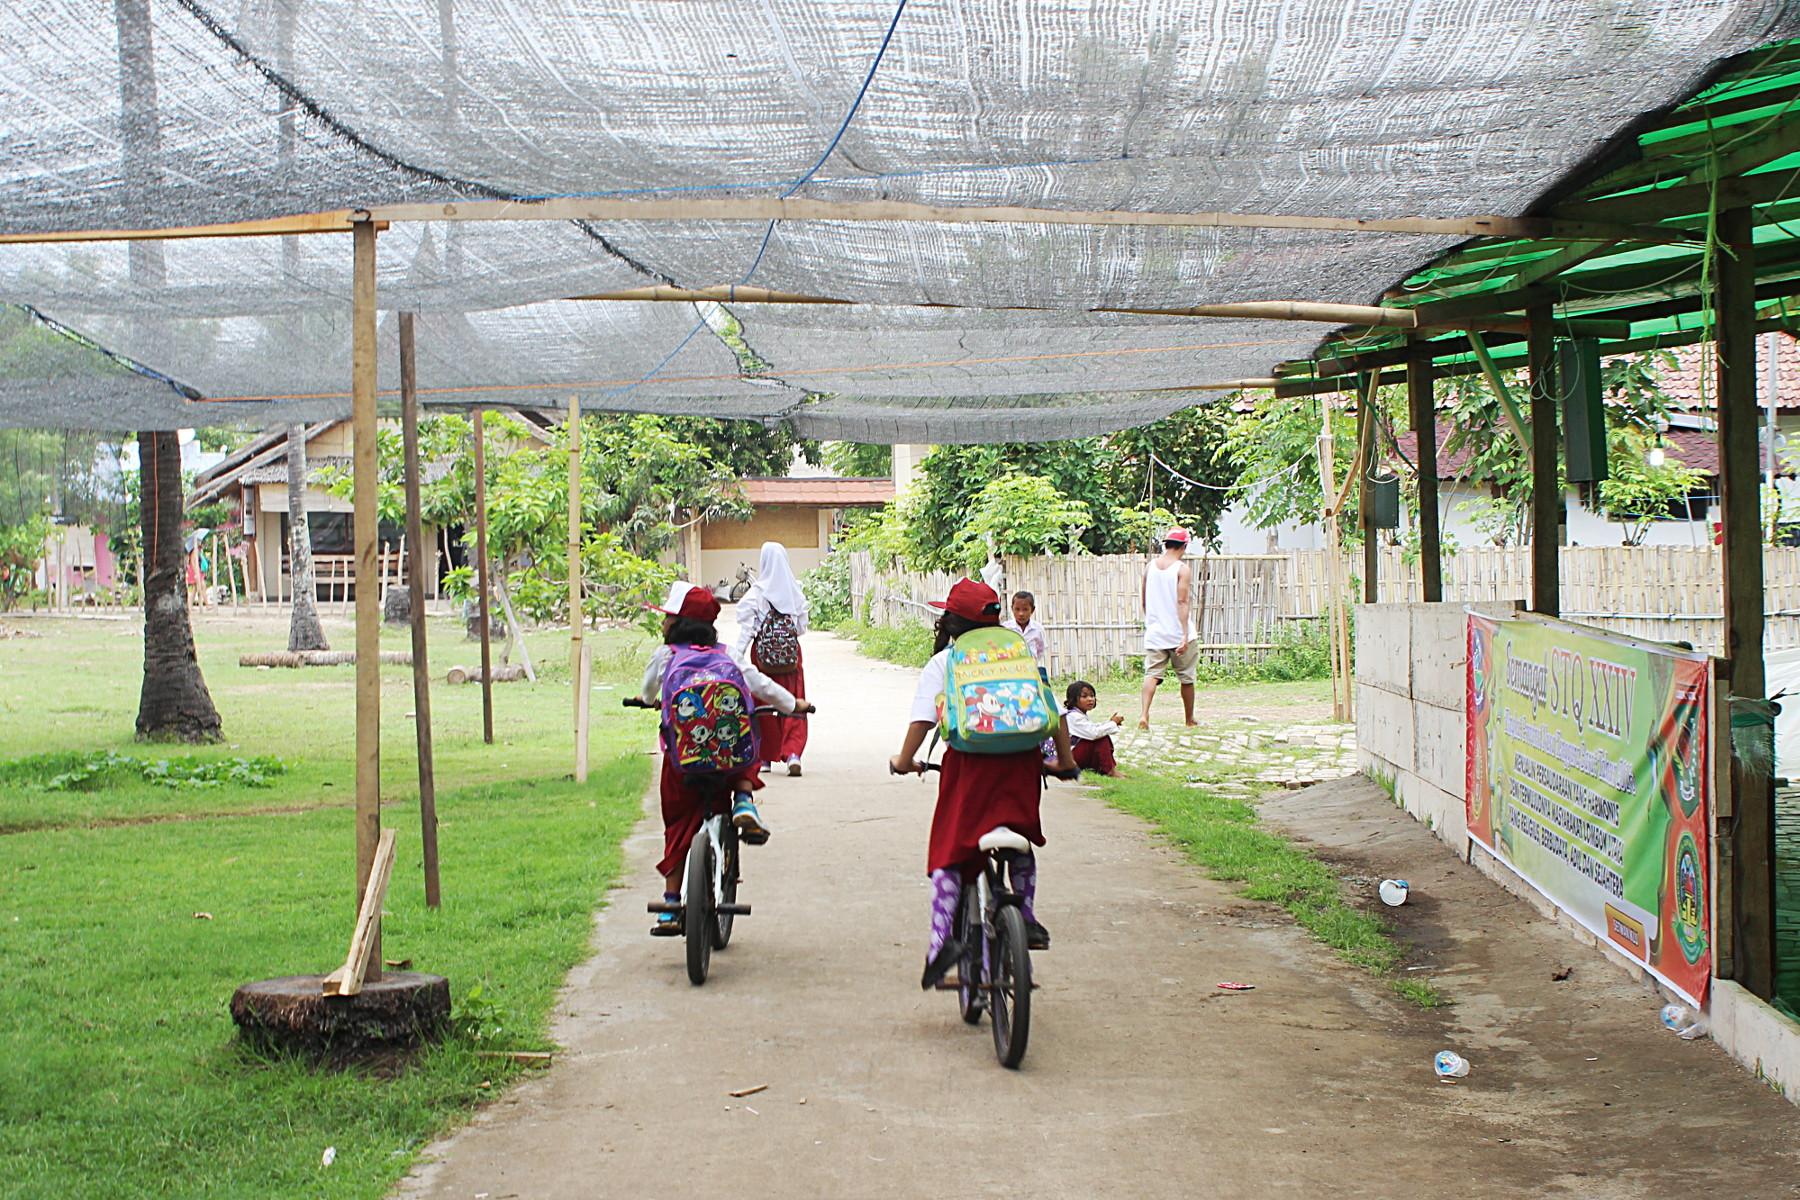 Childer riding bikes